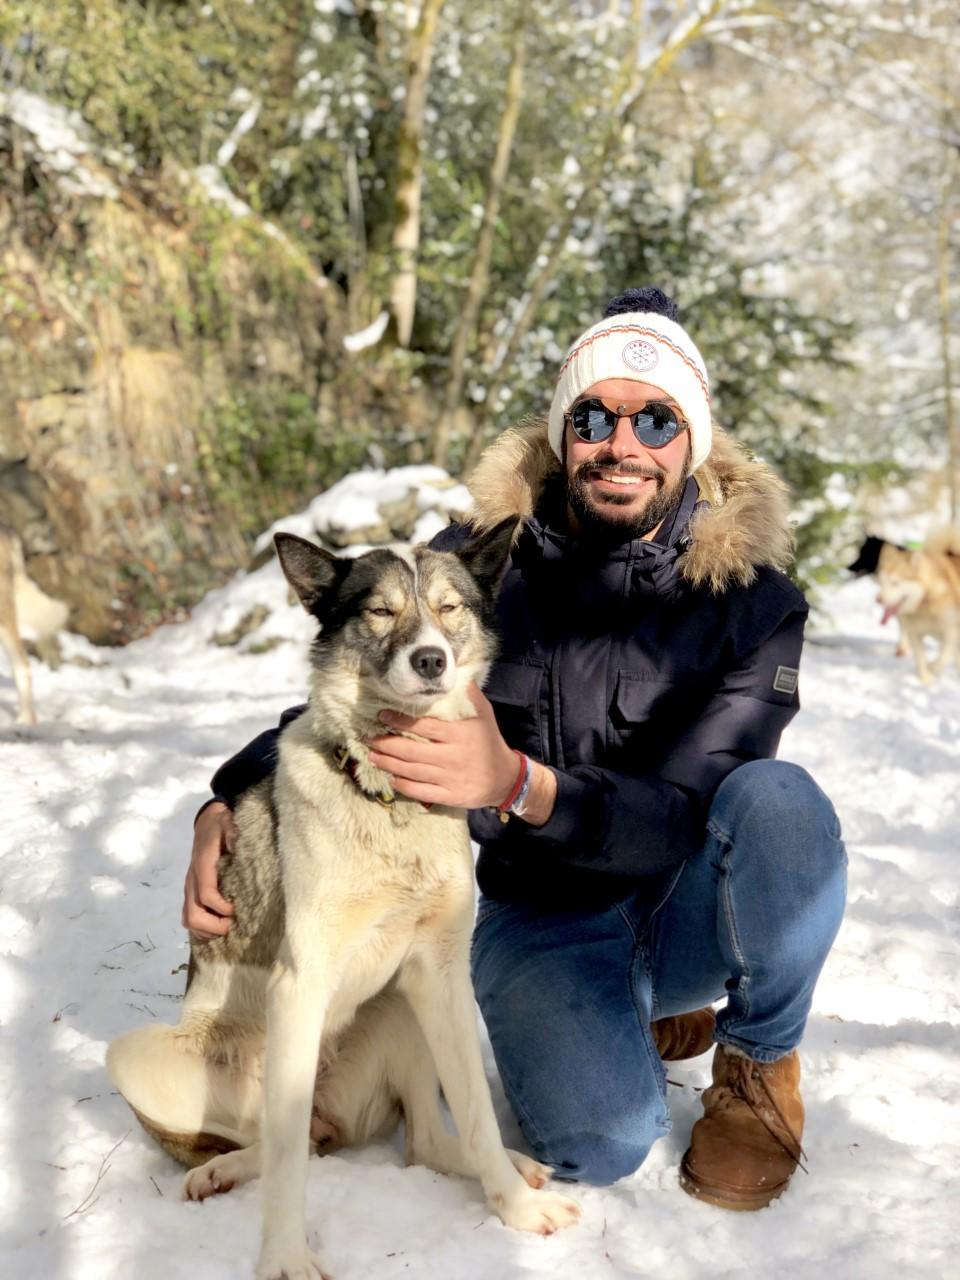 b5784aa9a977 L association « Le repaire des Huskys » propose de venir découvrir sa  petite meute de 6 chiens (Huskys sibériens, Malamuts…) et leur mode de vie.